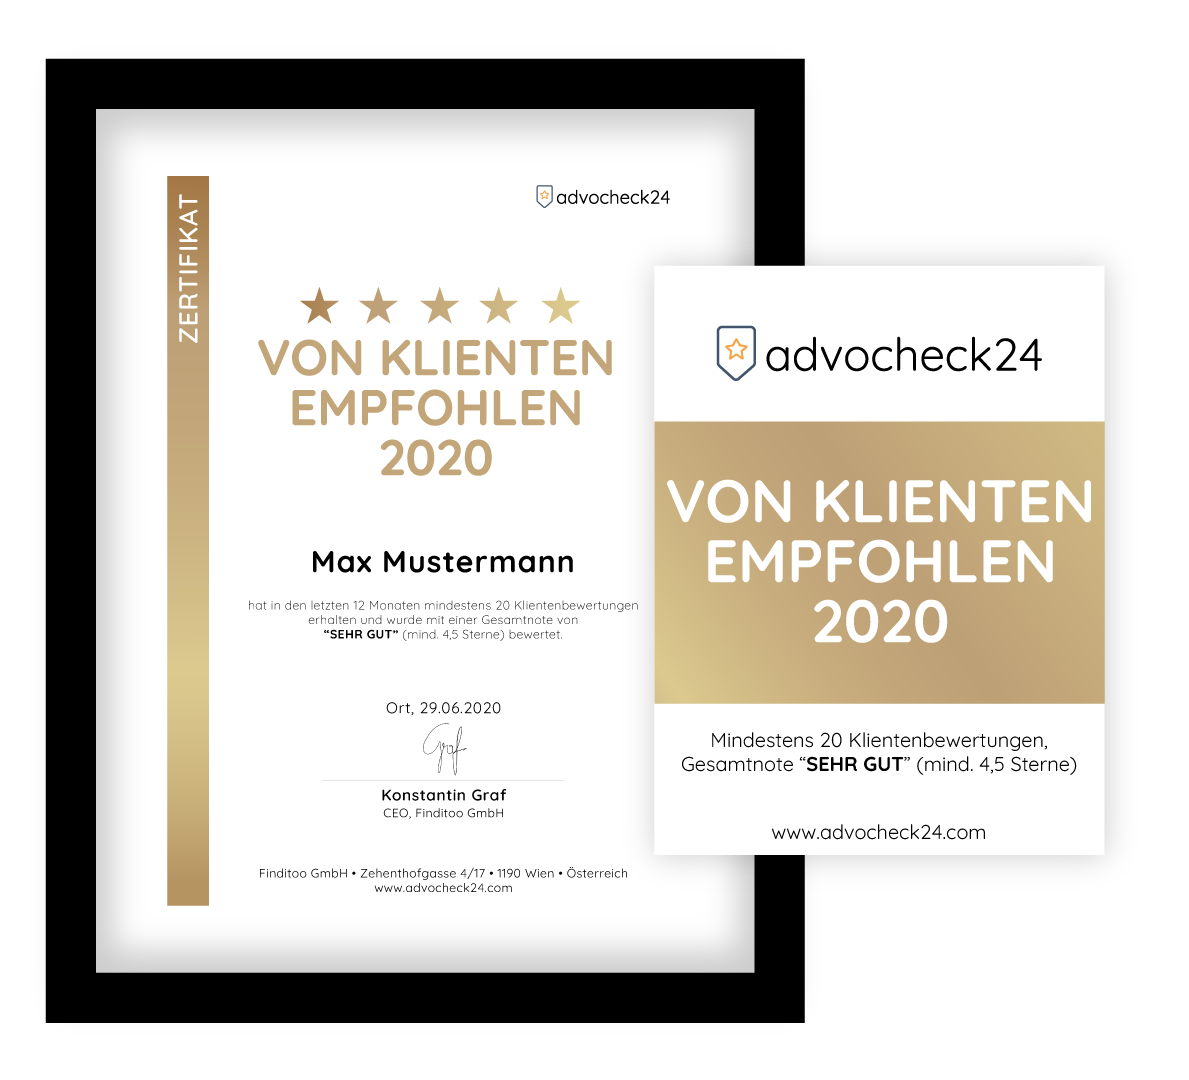 Advocheck24 Auszeichnung Von Klienten empfohlen